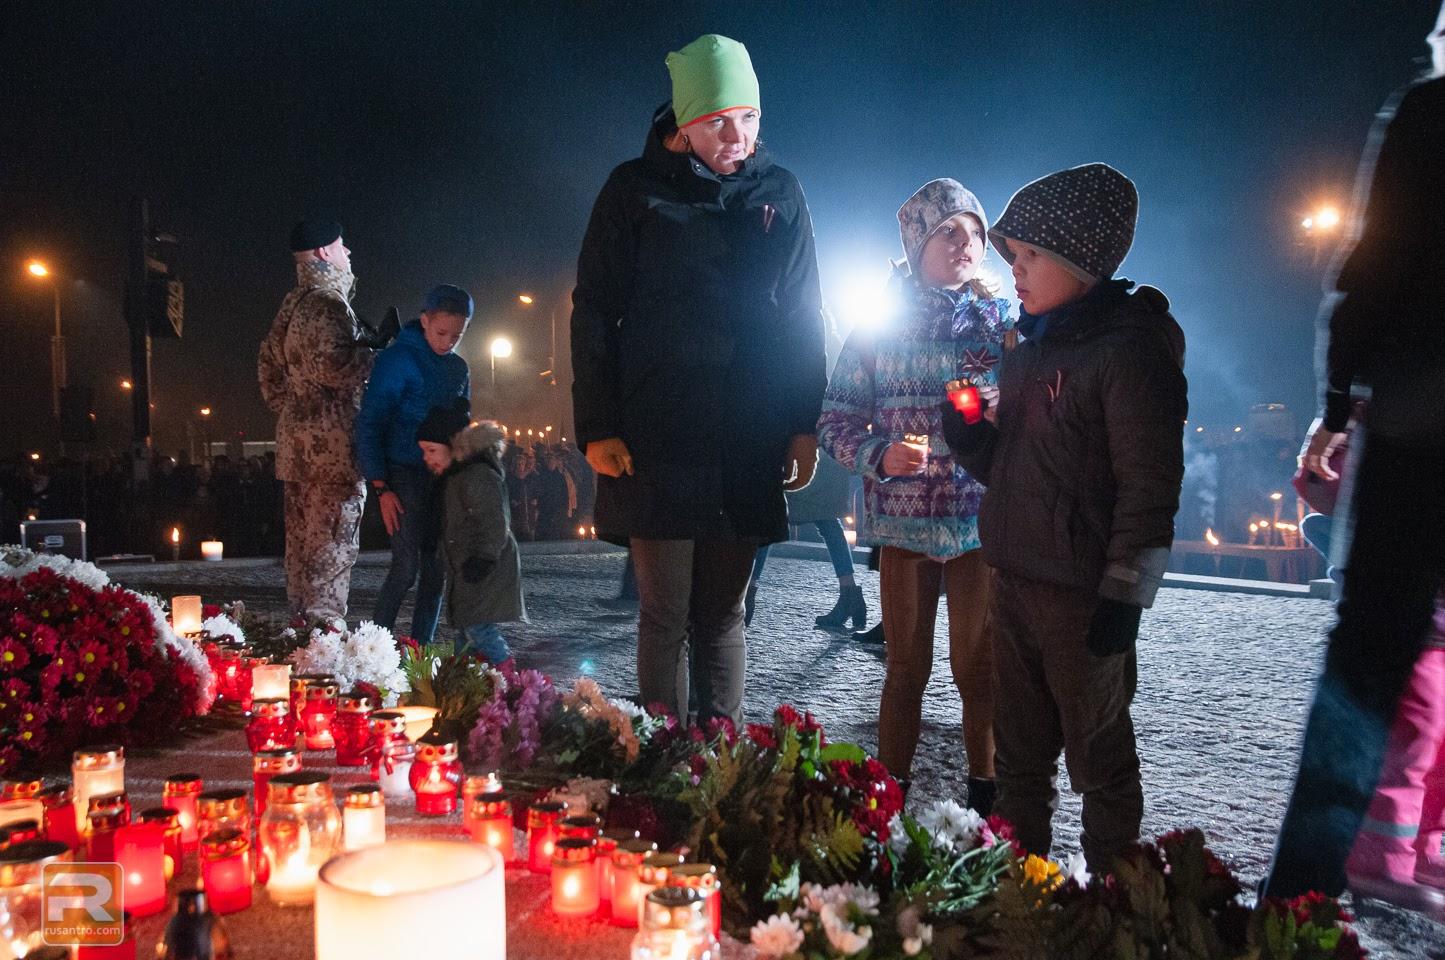 Sieviete vēro, kā viņas bērni noliek sveces pie pieminekļa